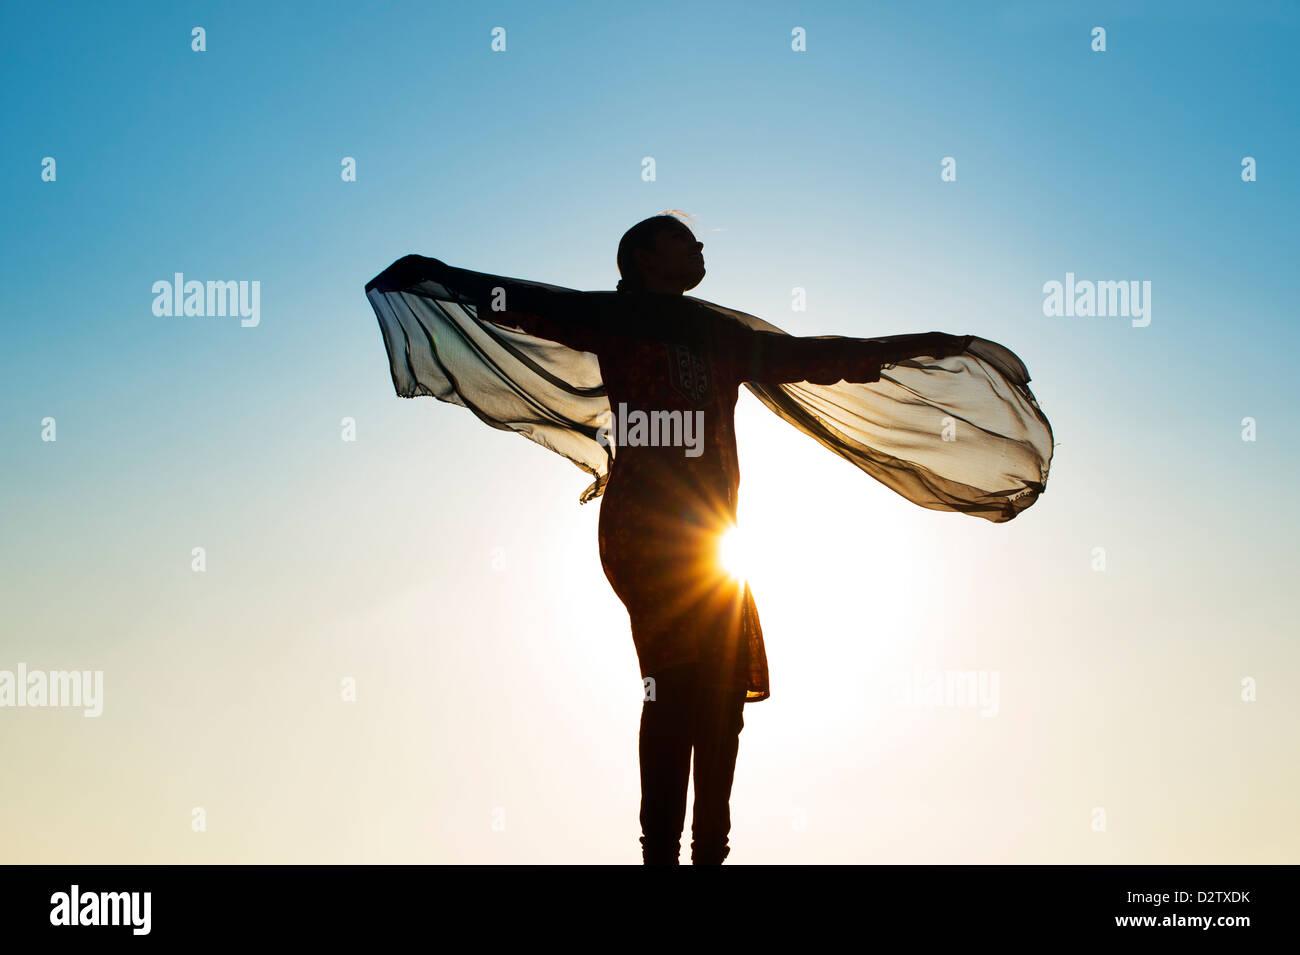 Ragazza indiana con un velo di sterzata nel vento verso il sole. Silhouette. India Immagini Stock